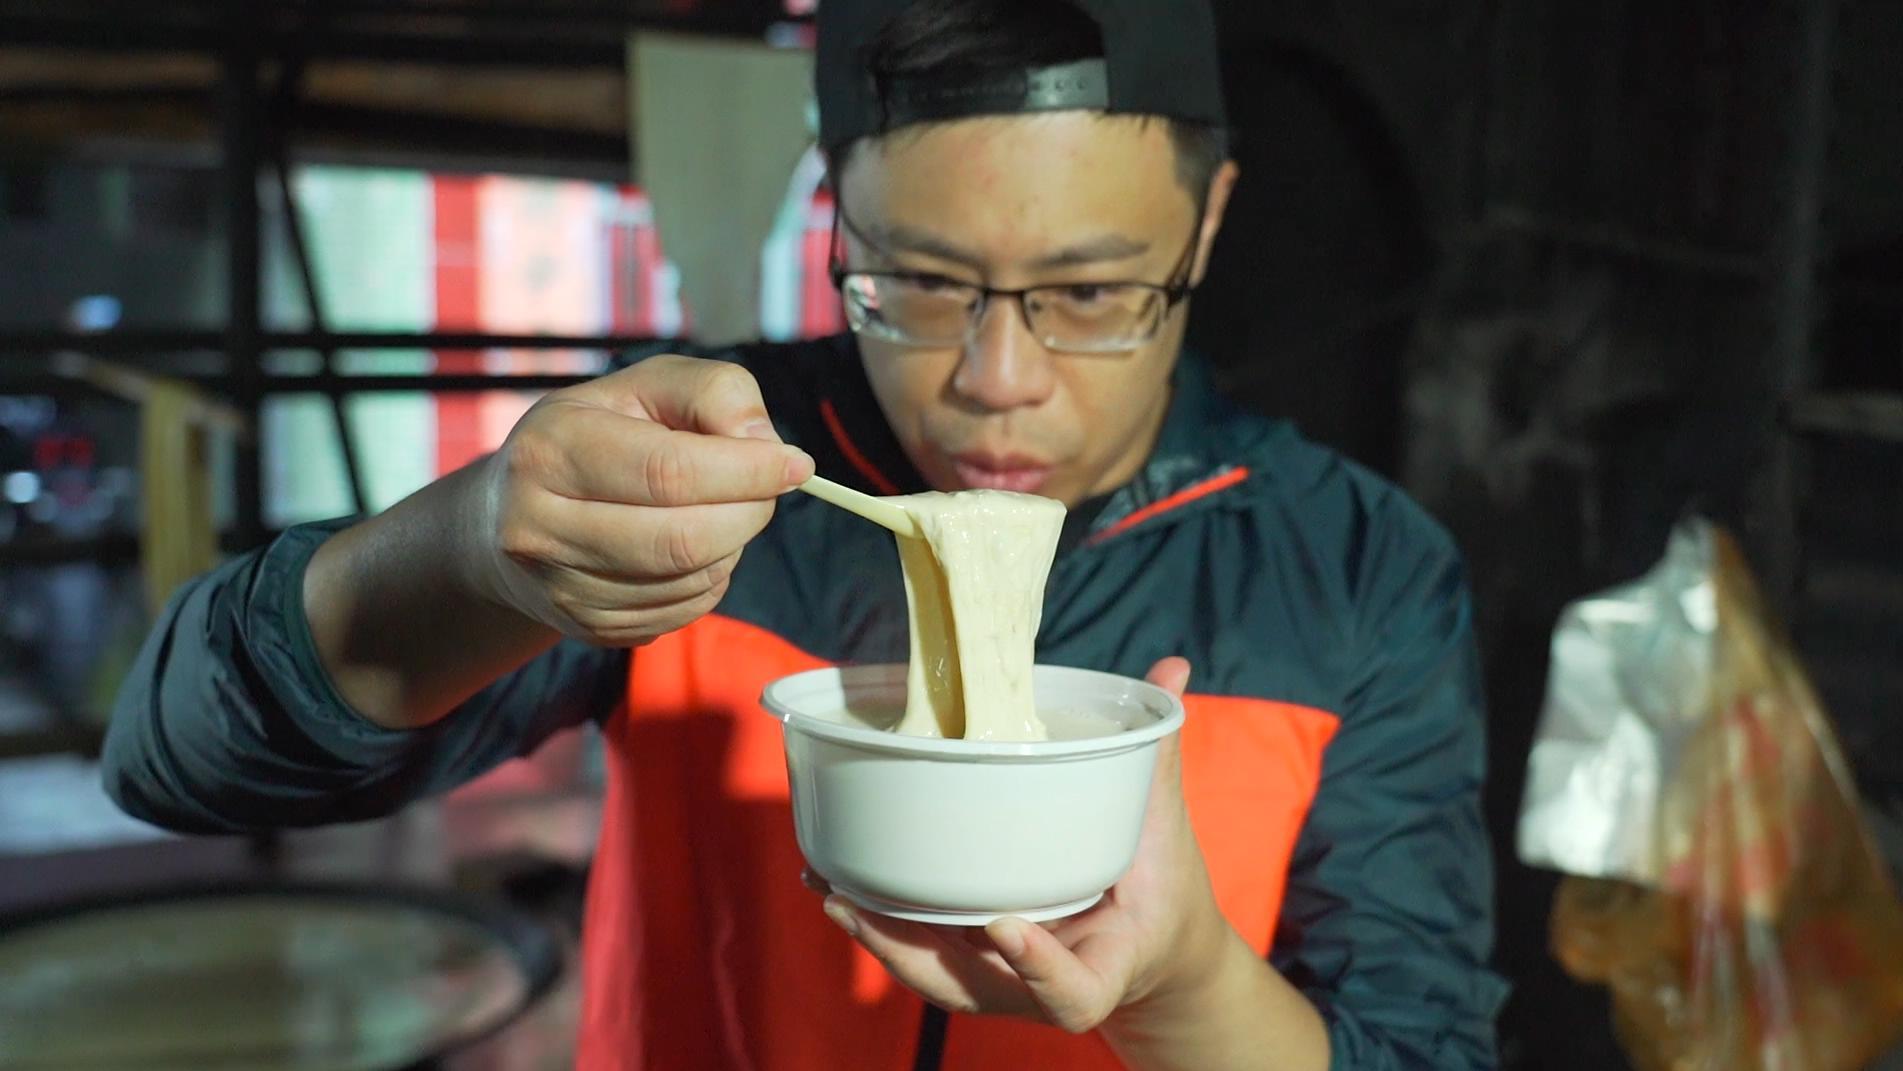 在有史以来环境最不讲究的一家店,喝到了让我们印象最为深刻的一碗豆浆!